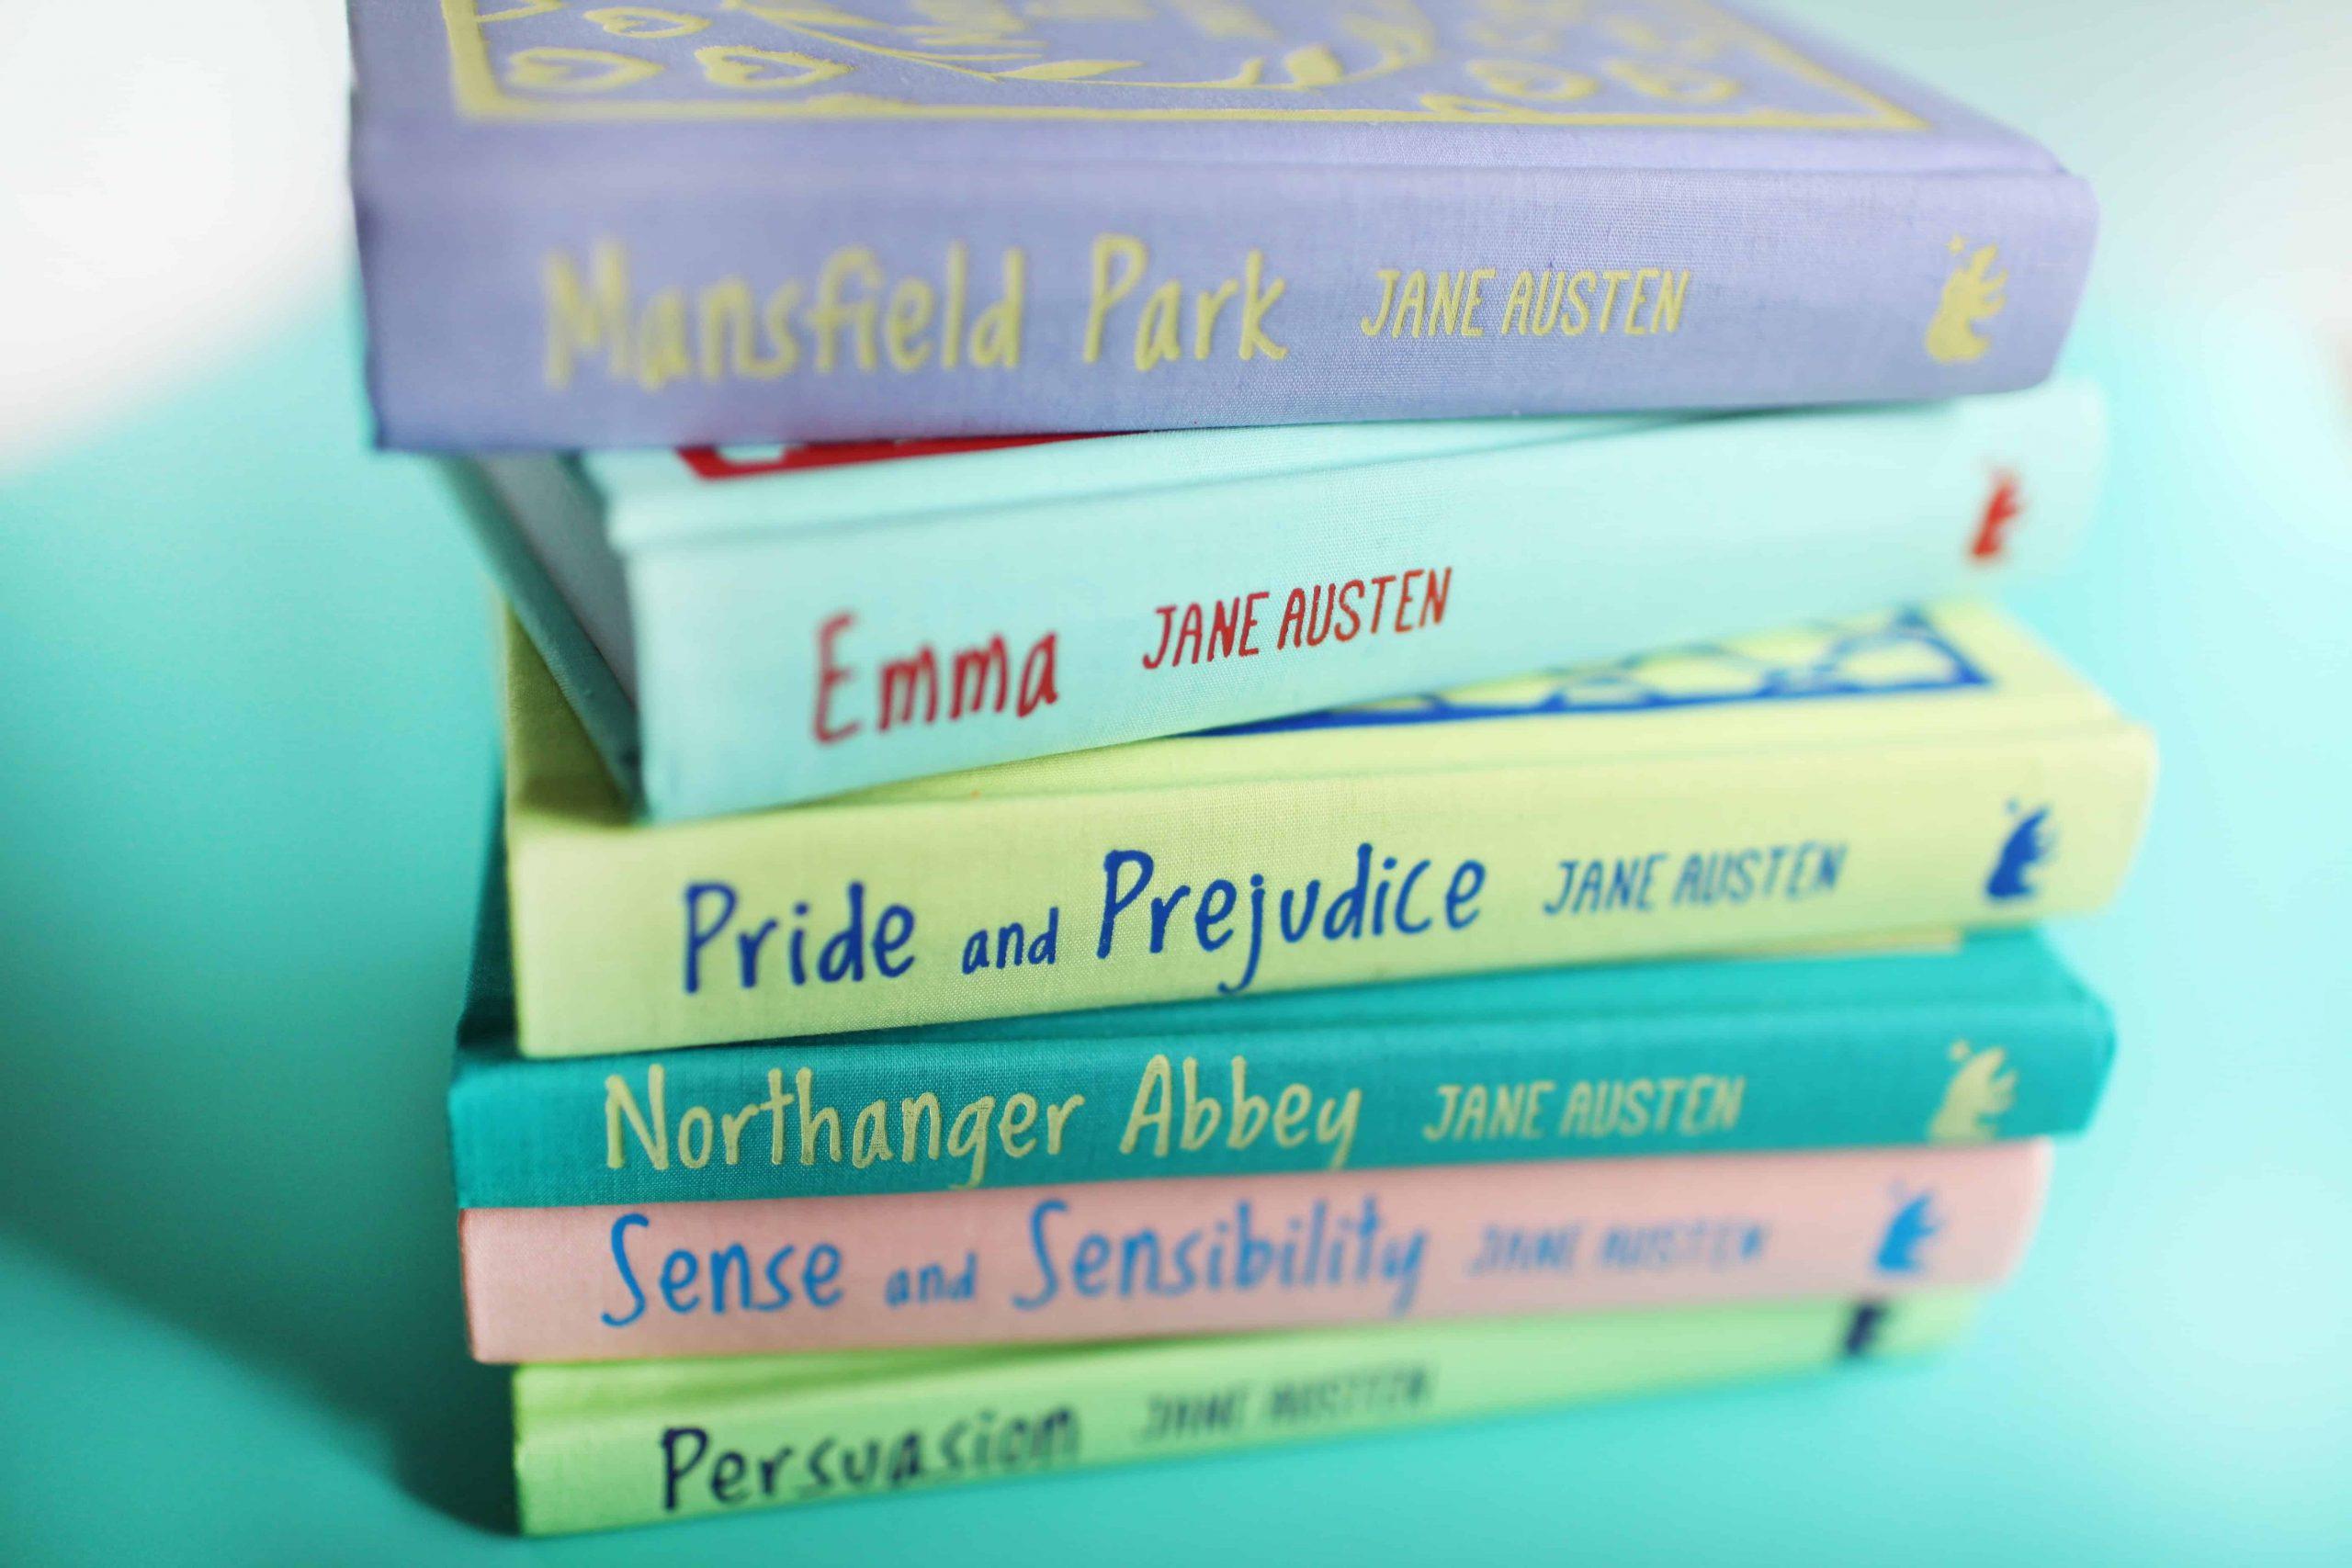 Livros de Jane Austen: Como escolher o melhor título em 2020